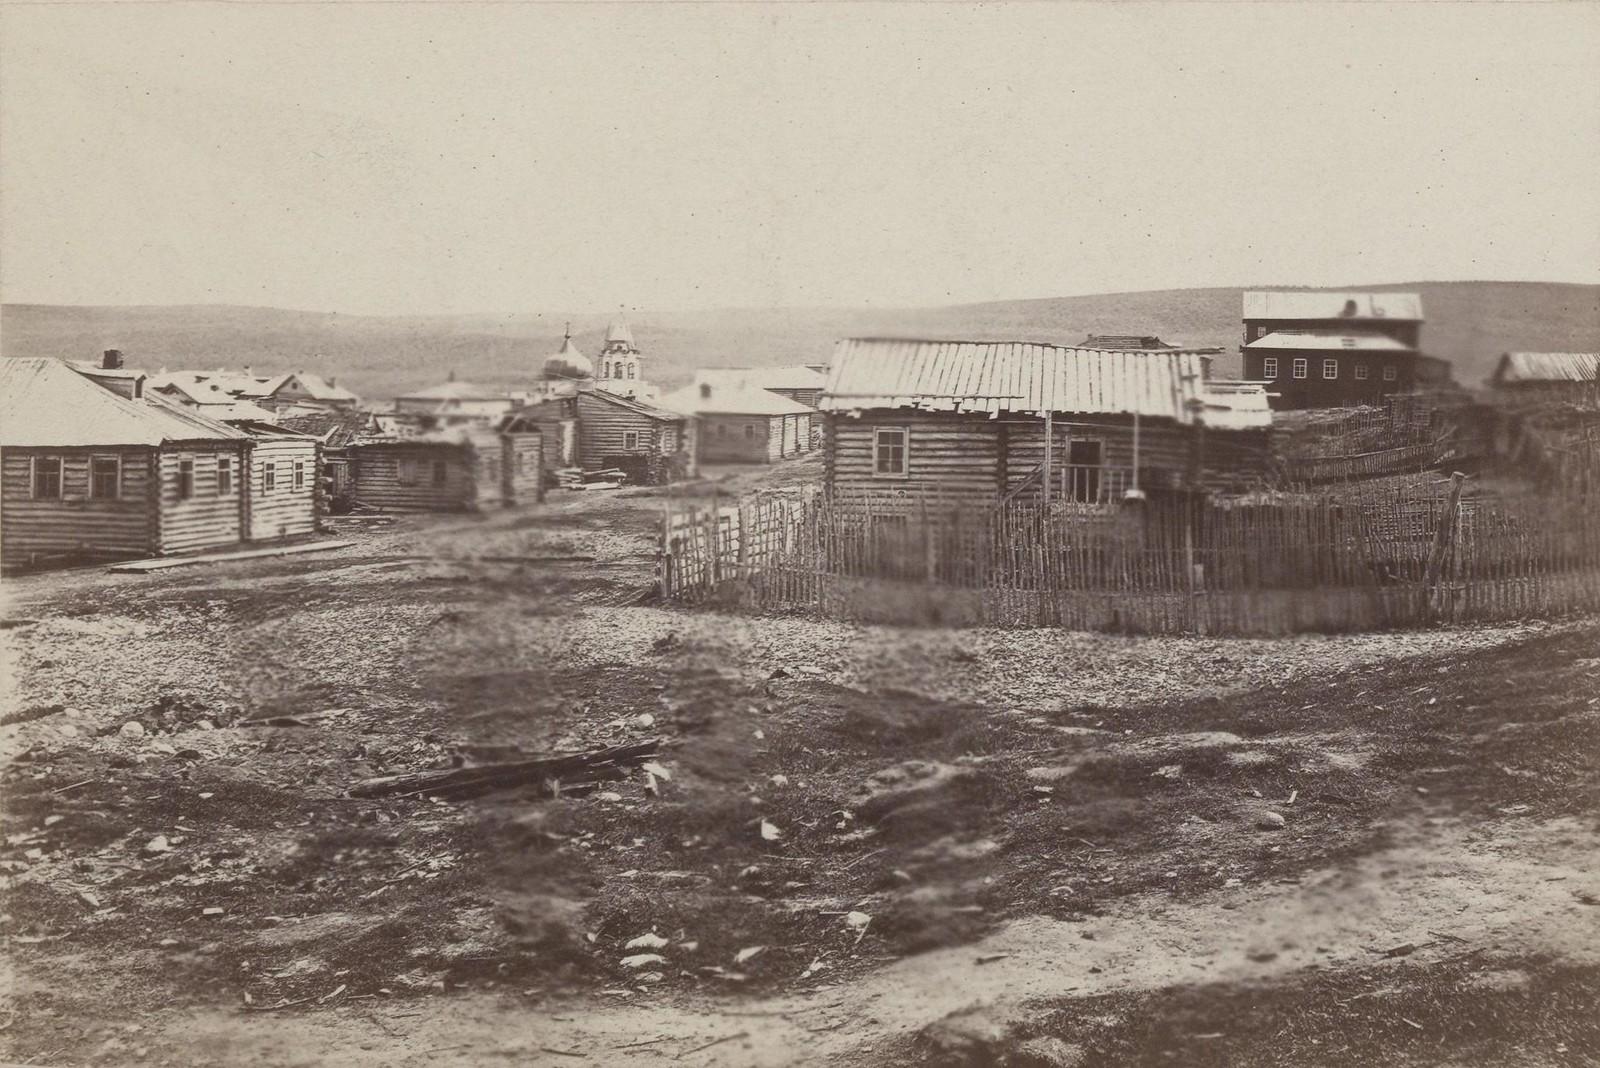 04. 1867. Кола. На дальнем плане видна маковка Благовещенской церкви